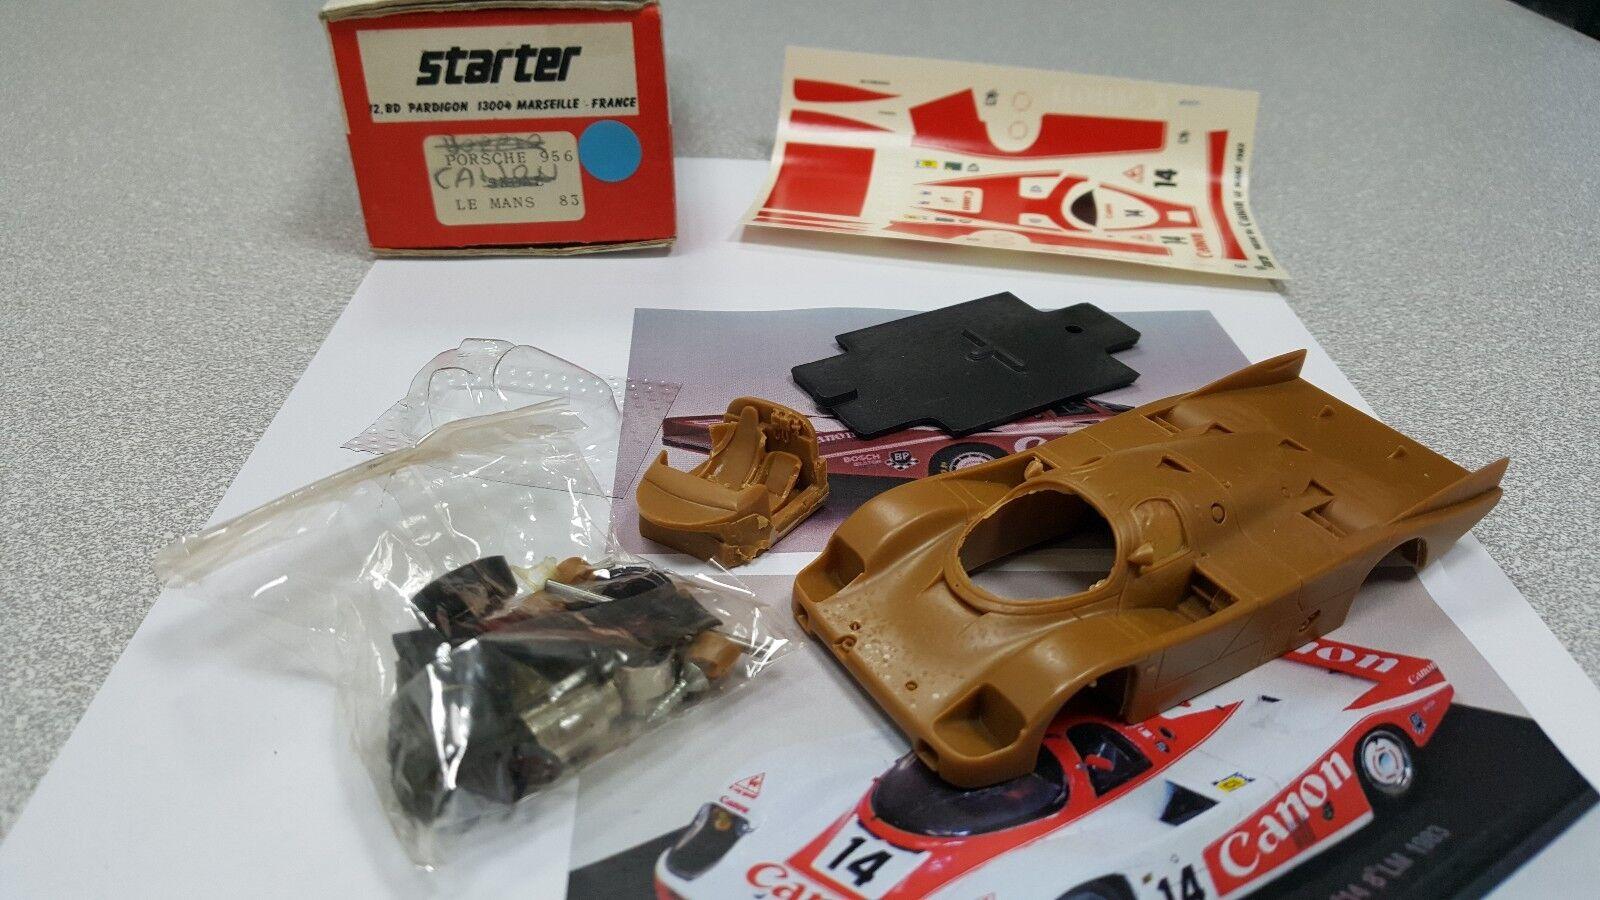 Kit Porsche 956 Canon  14 Le Mans 1983 - Starter Models kit 1 43